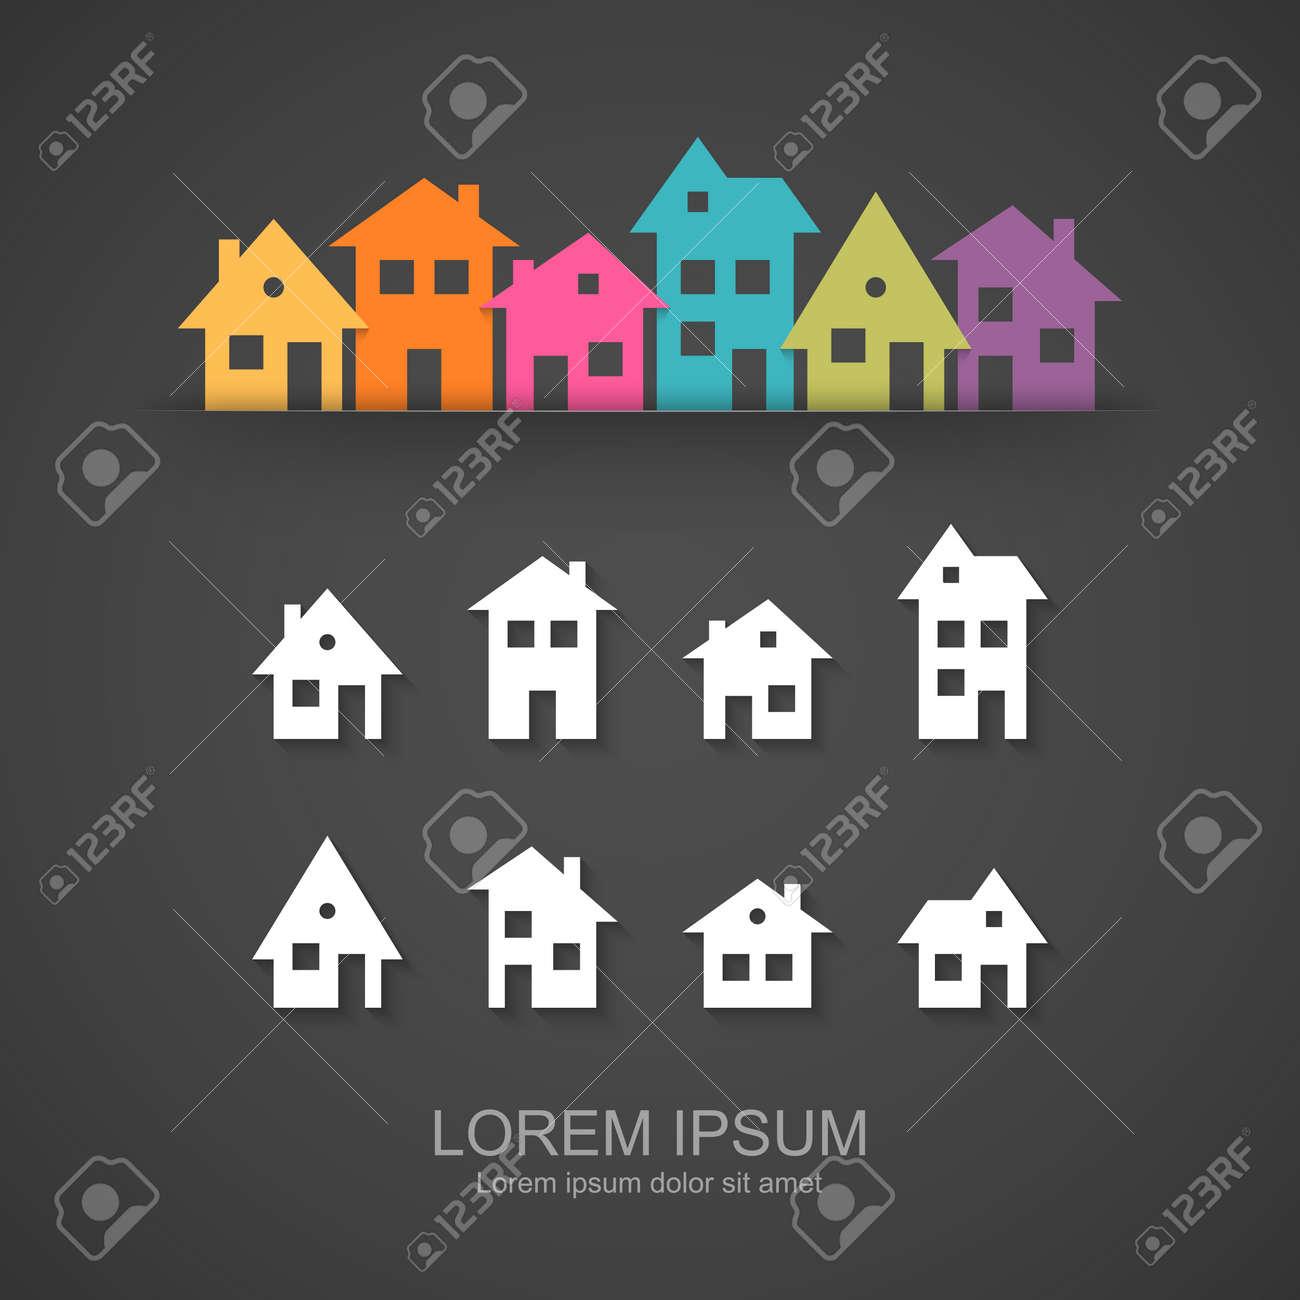 Suburban homes icon set - 45911703